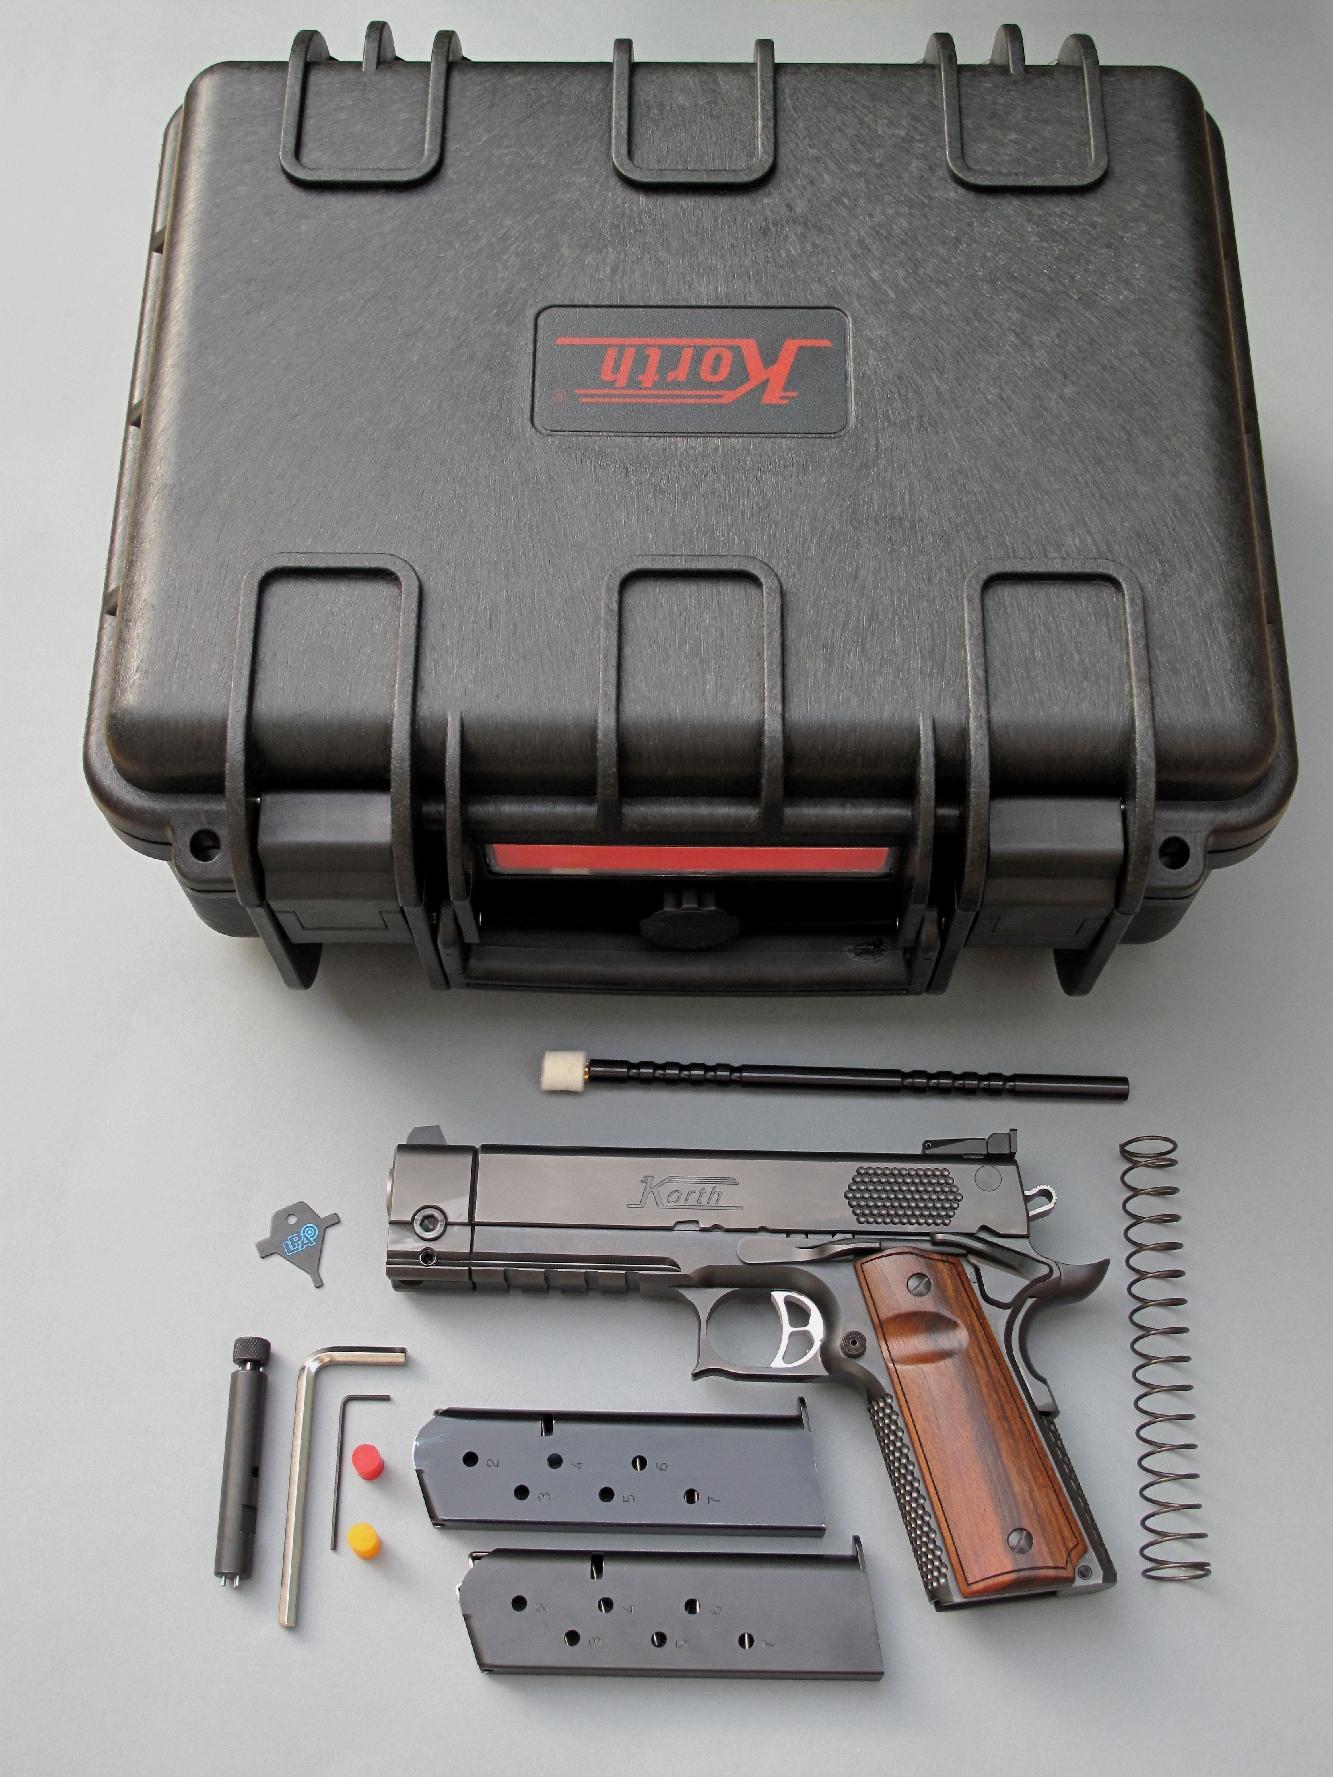 Ce pistolet est livré dans une mallette étanche et antichoc, de type « PeliCase », injectée en résine synthétique (polyéthylène) à haute résistance et munie d'une soupape de purge automatique (valve de dépressurisation) pour égaliser la pression de l'air.